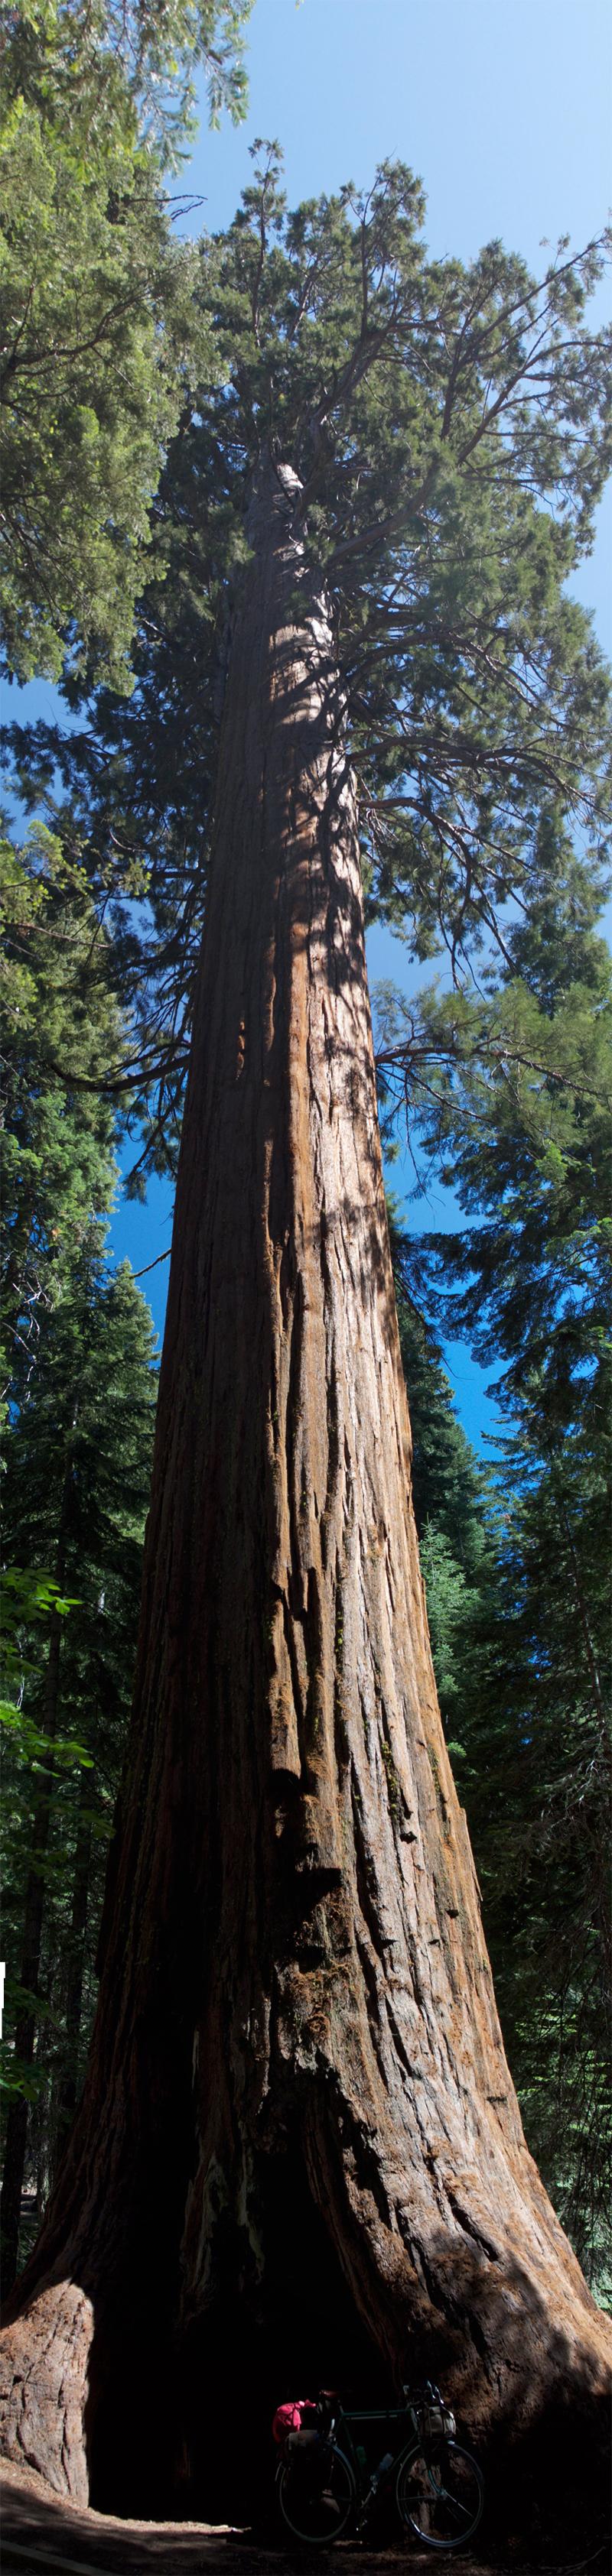 sequoia800